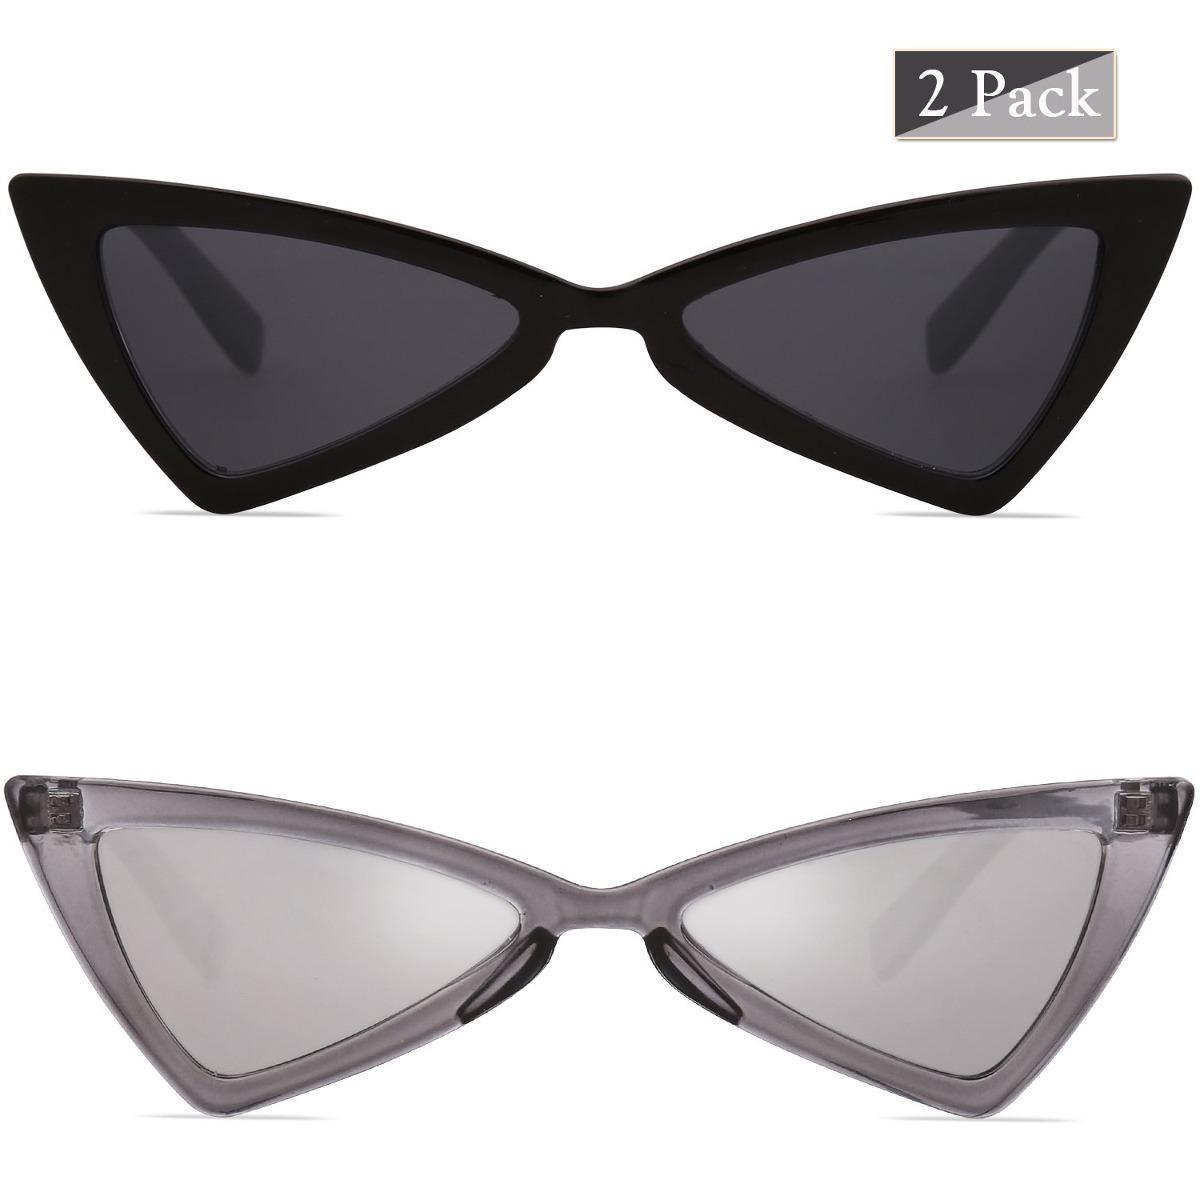 312338f67e sojos gafas de sol pequeña cateye para mujer hombre gafas. Cargando zoom.